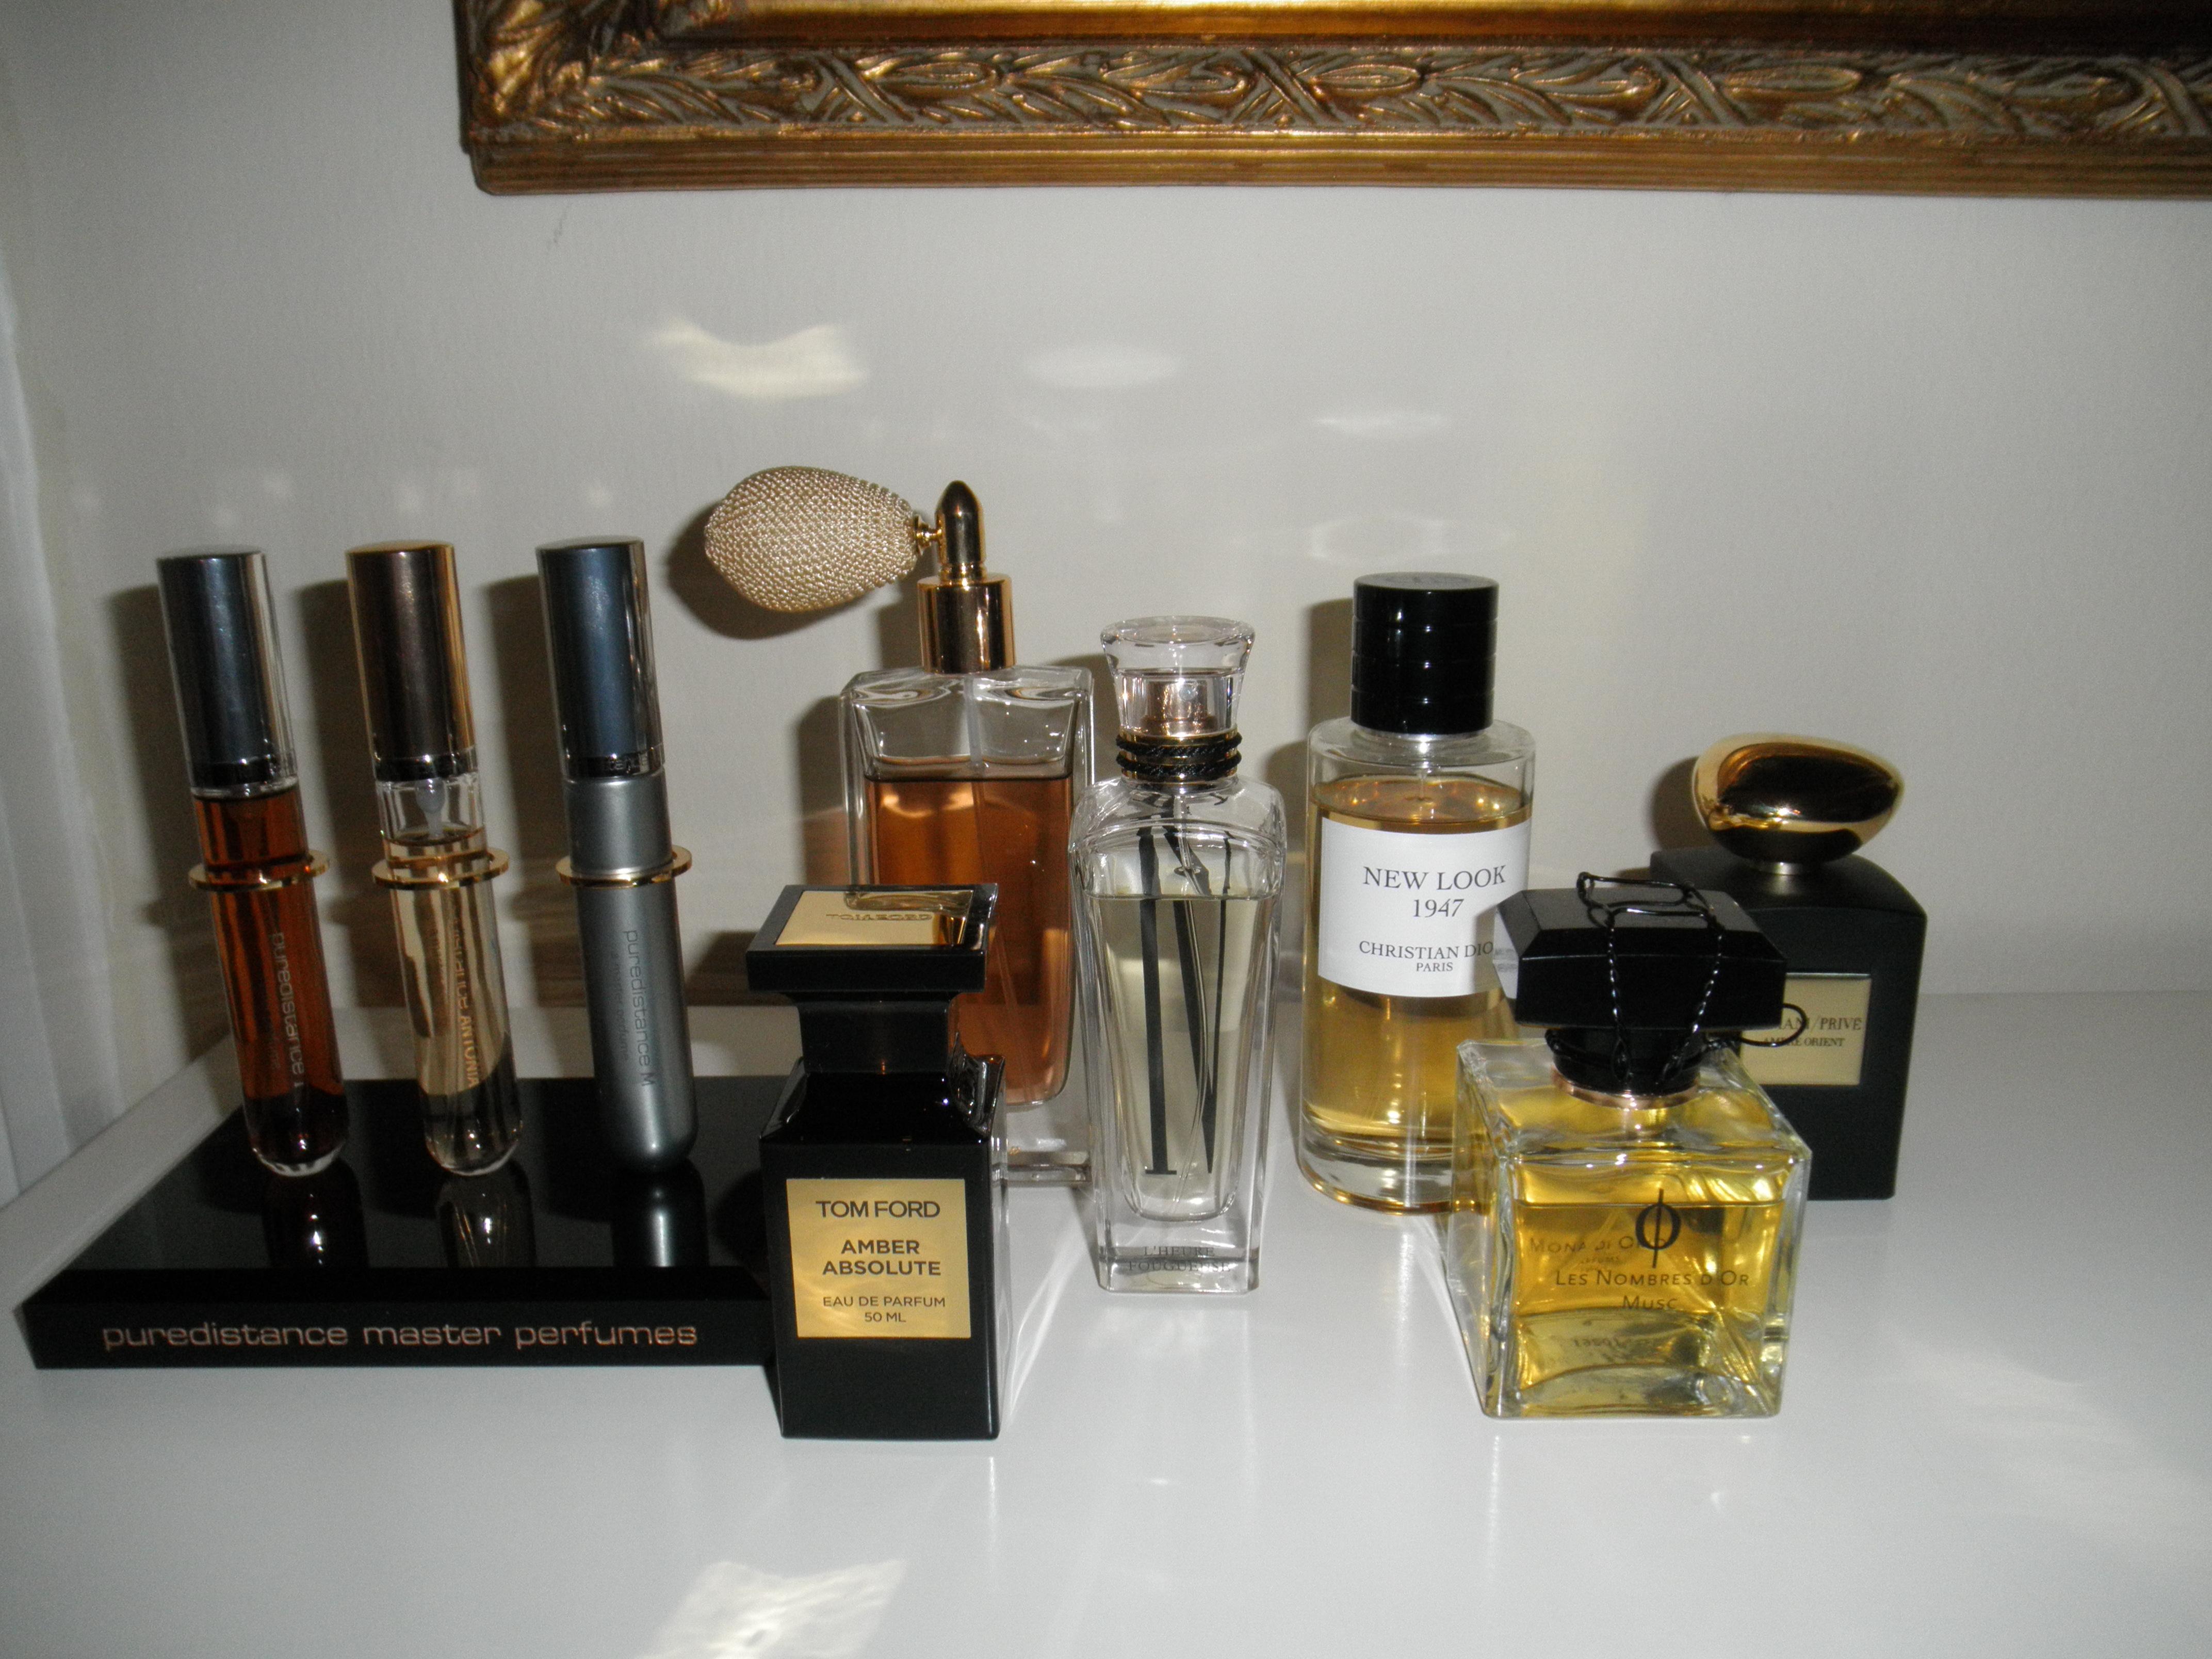 Dior Christmas Perfume Collection